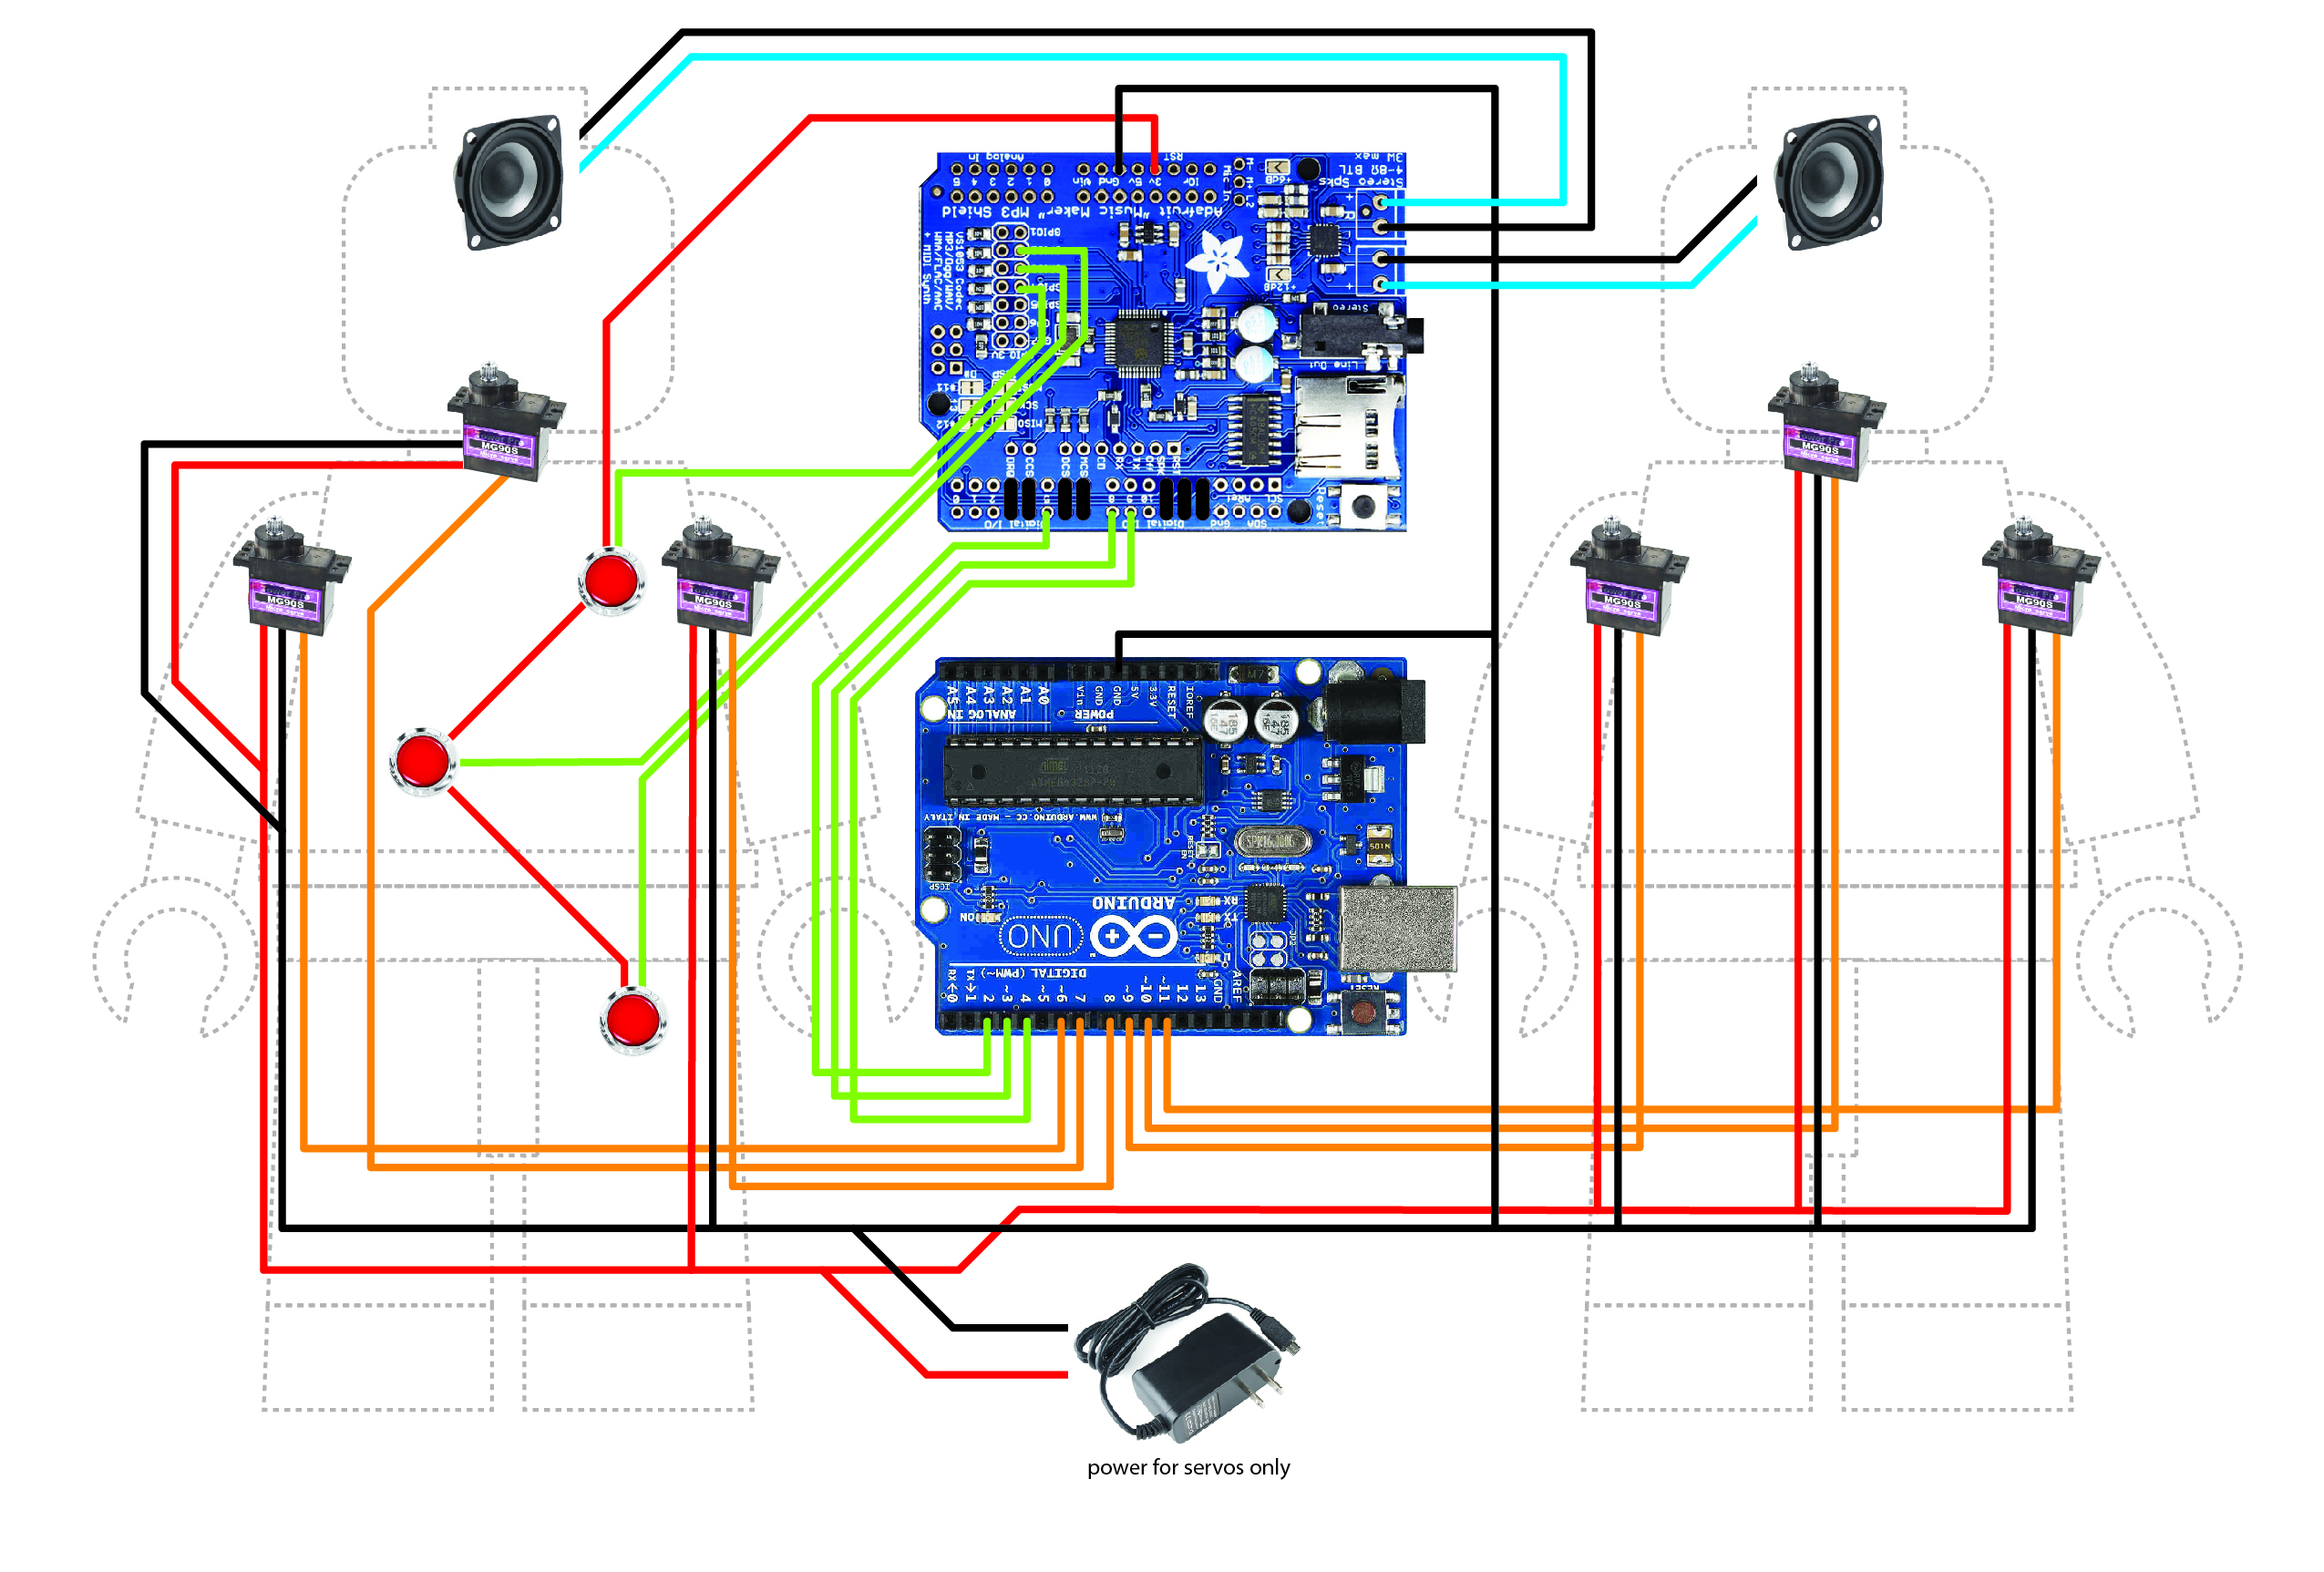 Giant Animatronics Lego Minfig Operation Game Circuit Diagram 8yl6mprej8nwsi6j6ekw